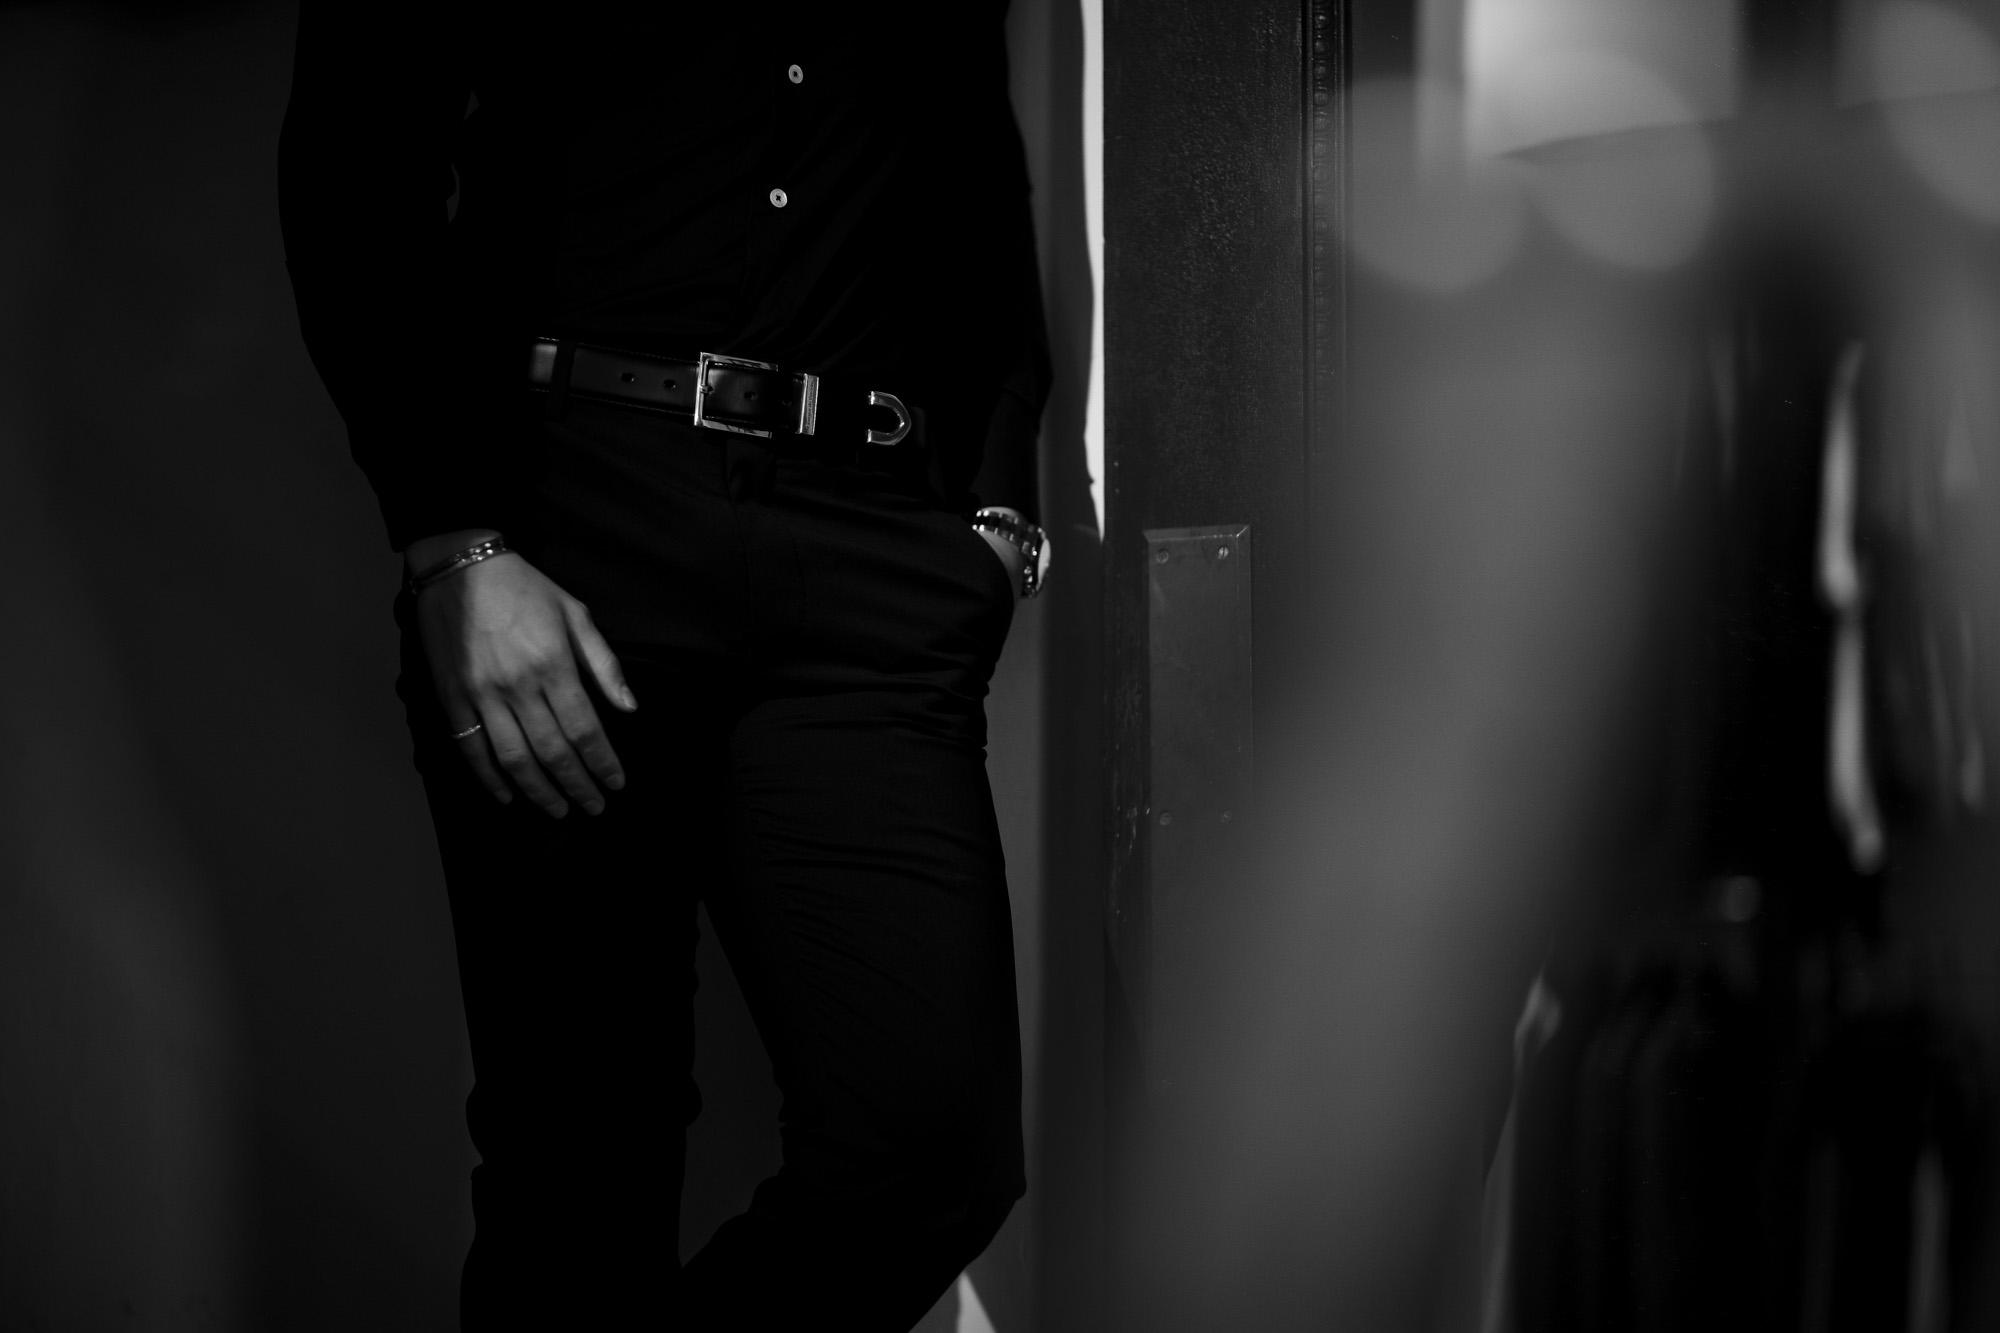 Georges de Patricia (ジョルジュ ド パトリシア) Shadow (シャドウ) 925 STERLING SILVER (925 スターリングシルバー) Calf Leather カーフレザー ベルト NOIR (ブラック) 2020 愛知 名古屋 altoediritto アルトエデリット レザーベルト